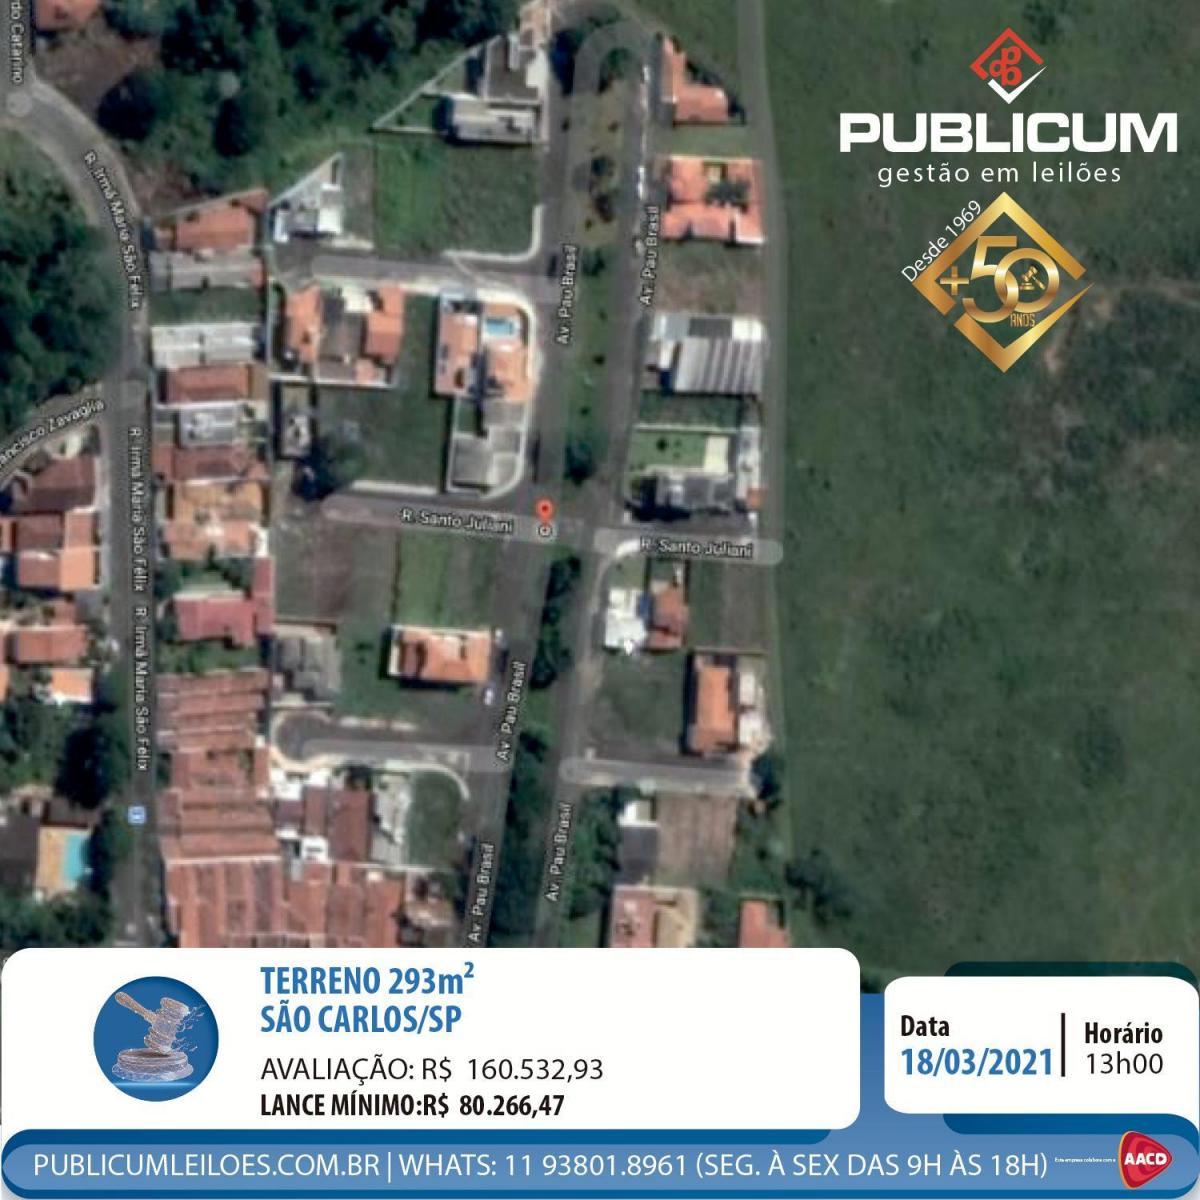 TERRENO 293m² - SÃO CARLOS/SP   Leilão Online 18.03